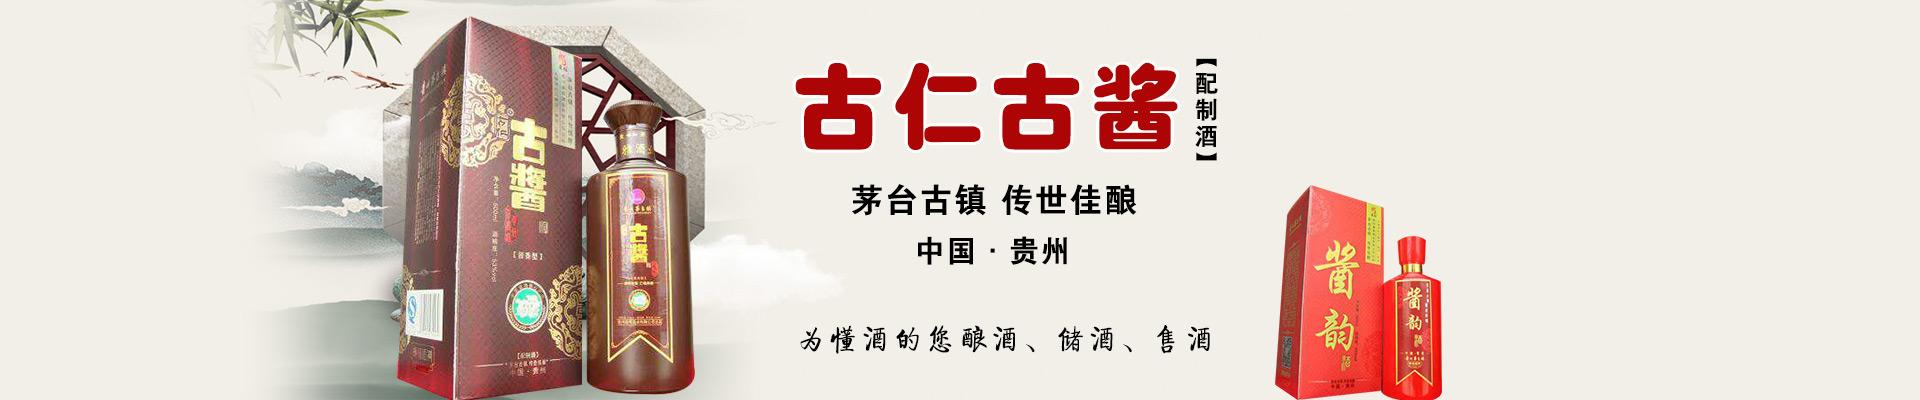 贵州毅博酒业销售有限公司